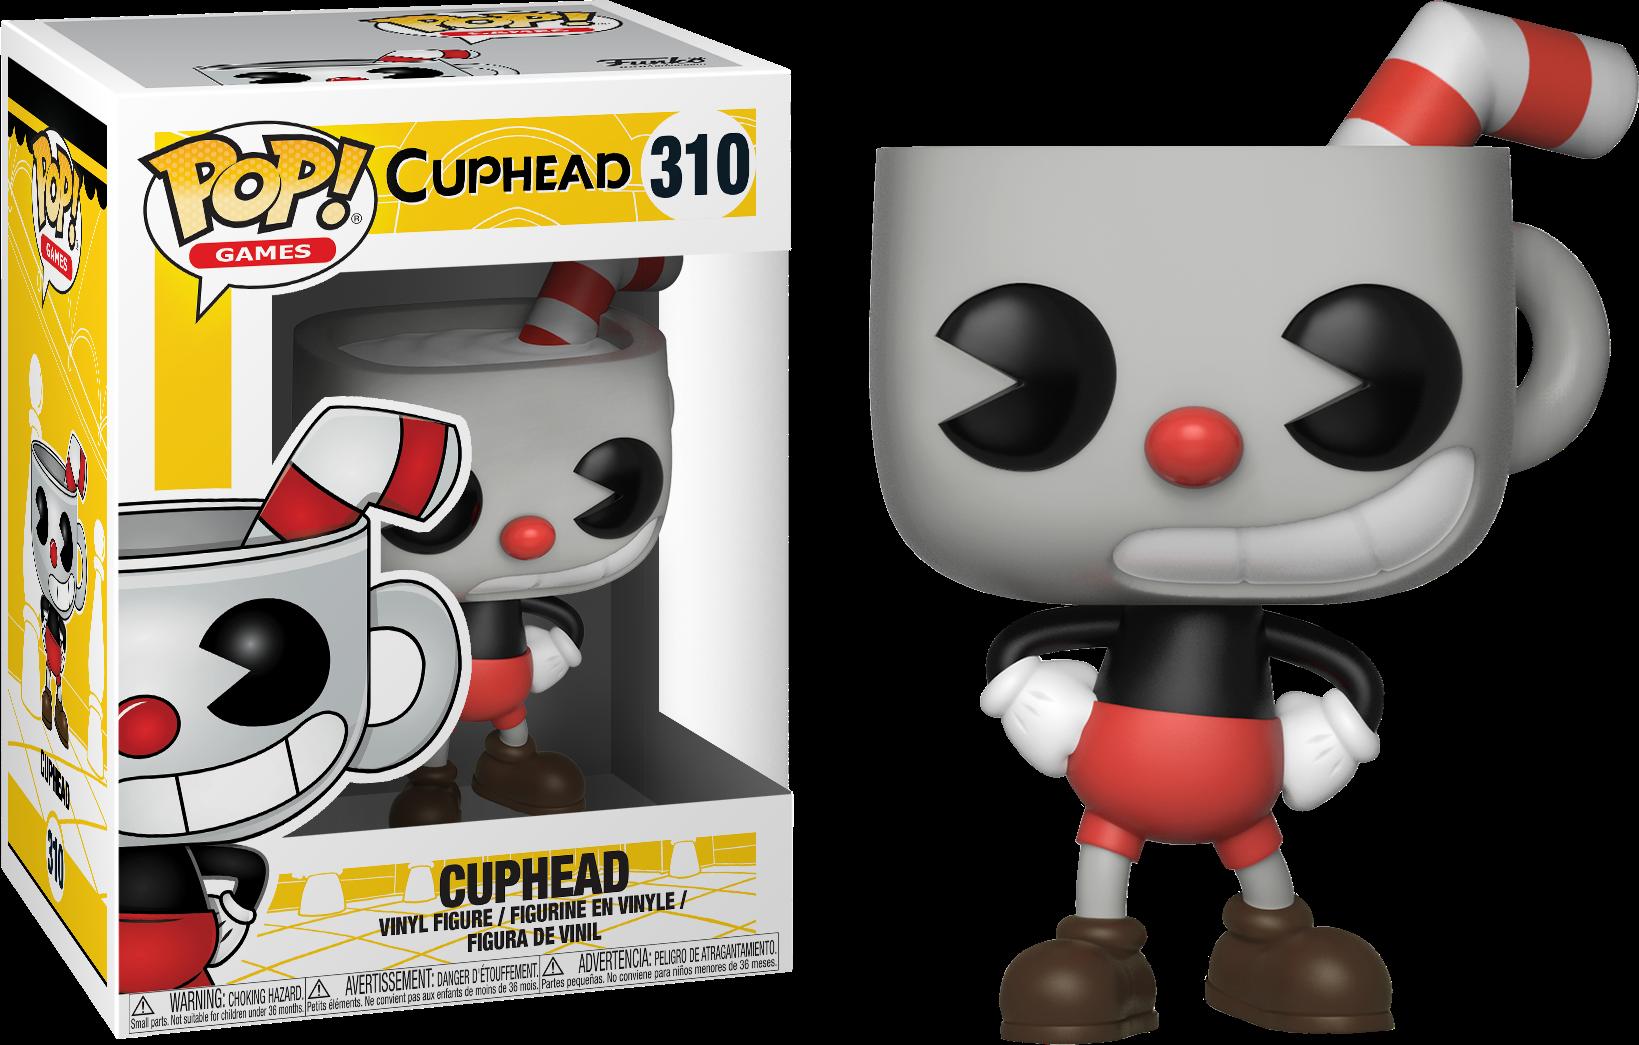 קומיקס וירקות cuphead cuphead pop